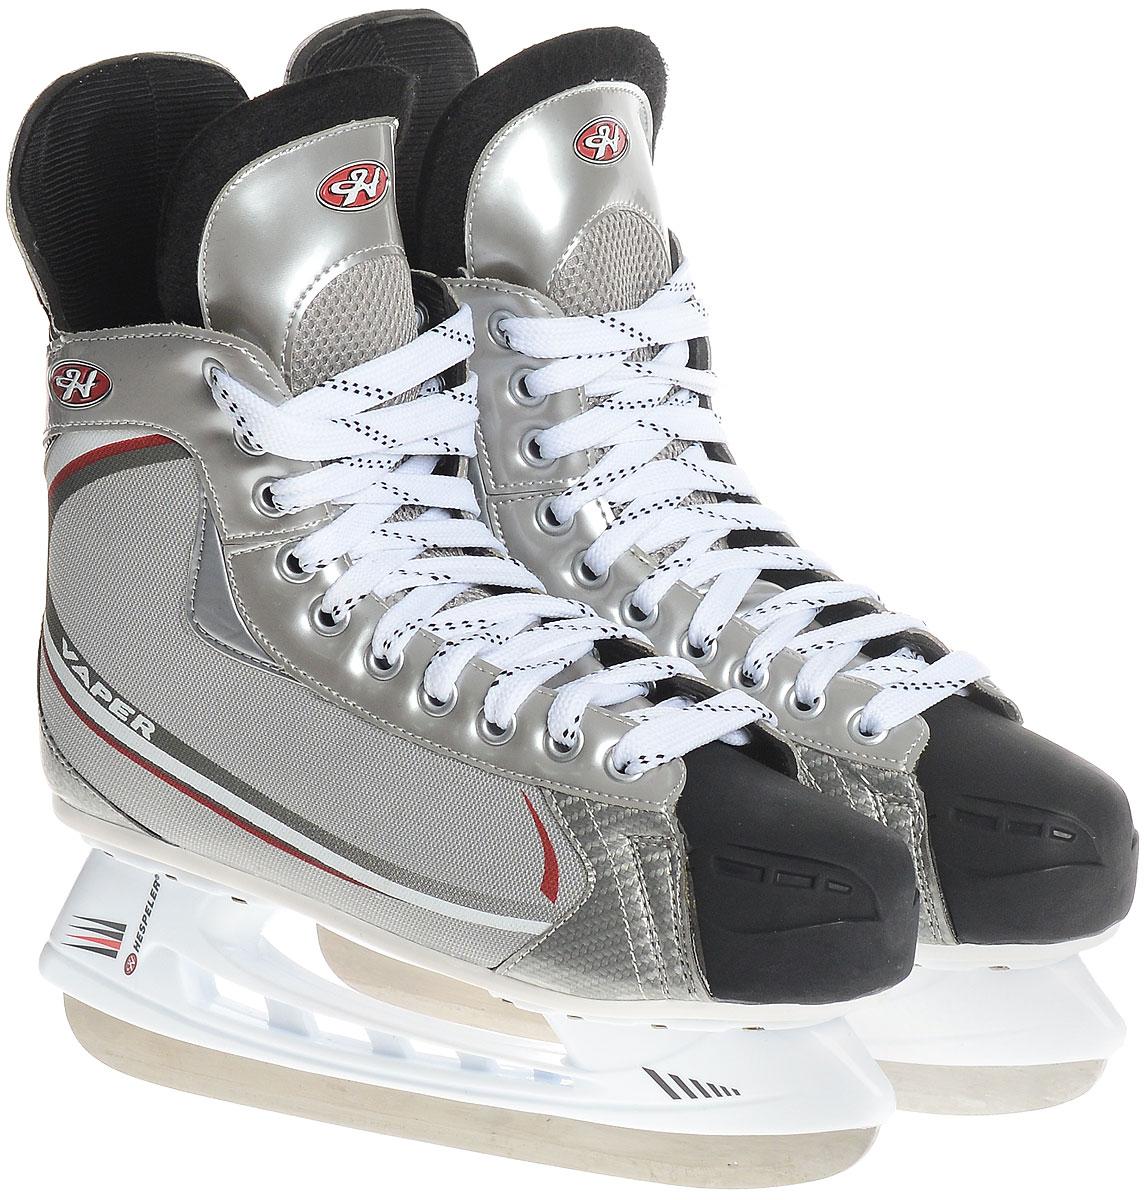 Коньки хоккейные мужские Hespeler Vaper, цвет: серый, белый, красный. Размер 44